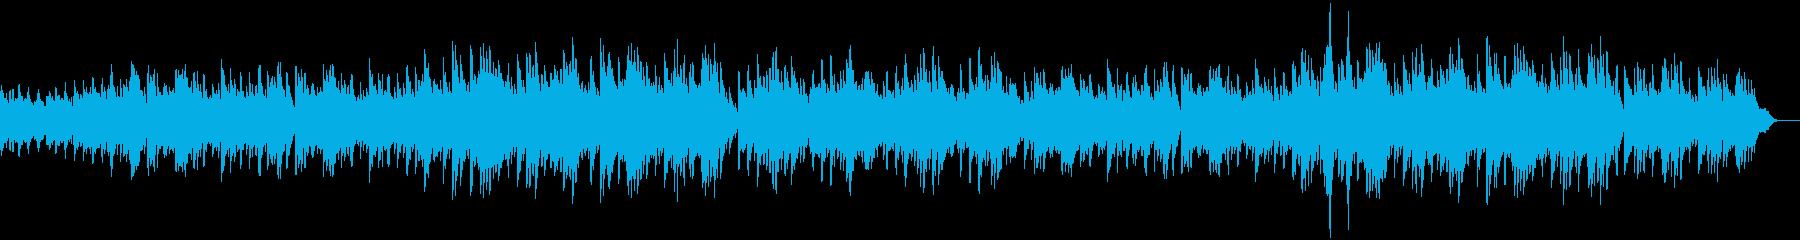 ピアノとストリングスの壮大なバラードの再生済みの波形